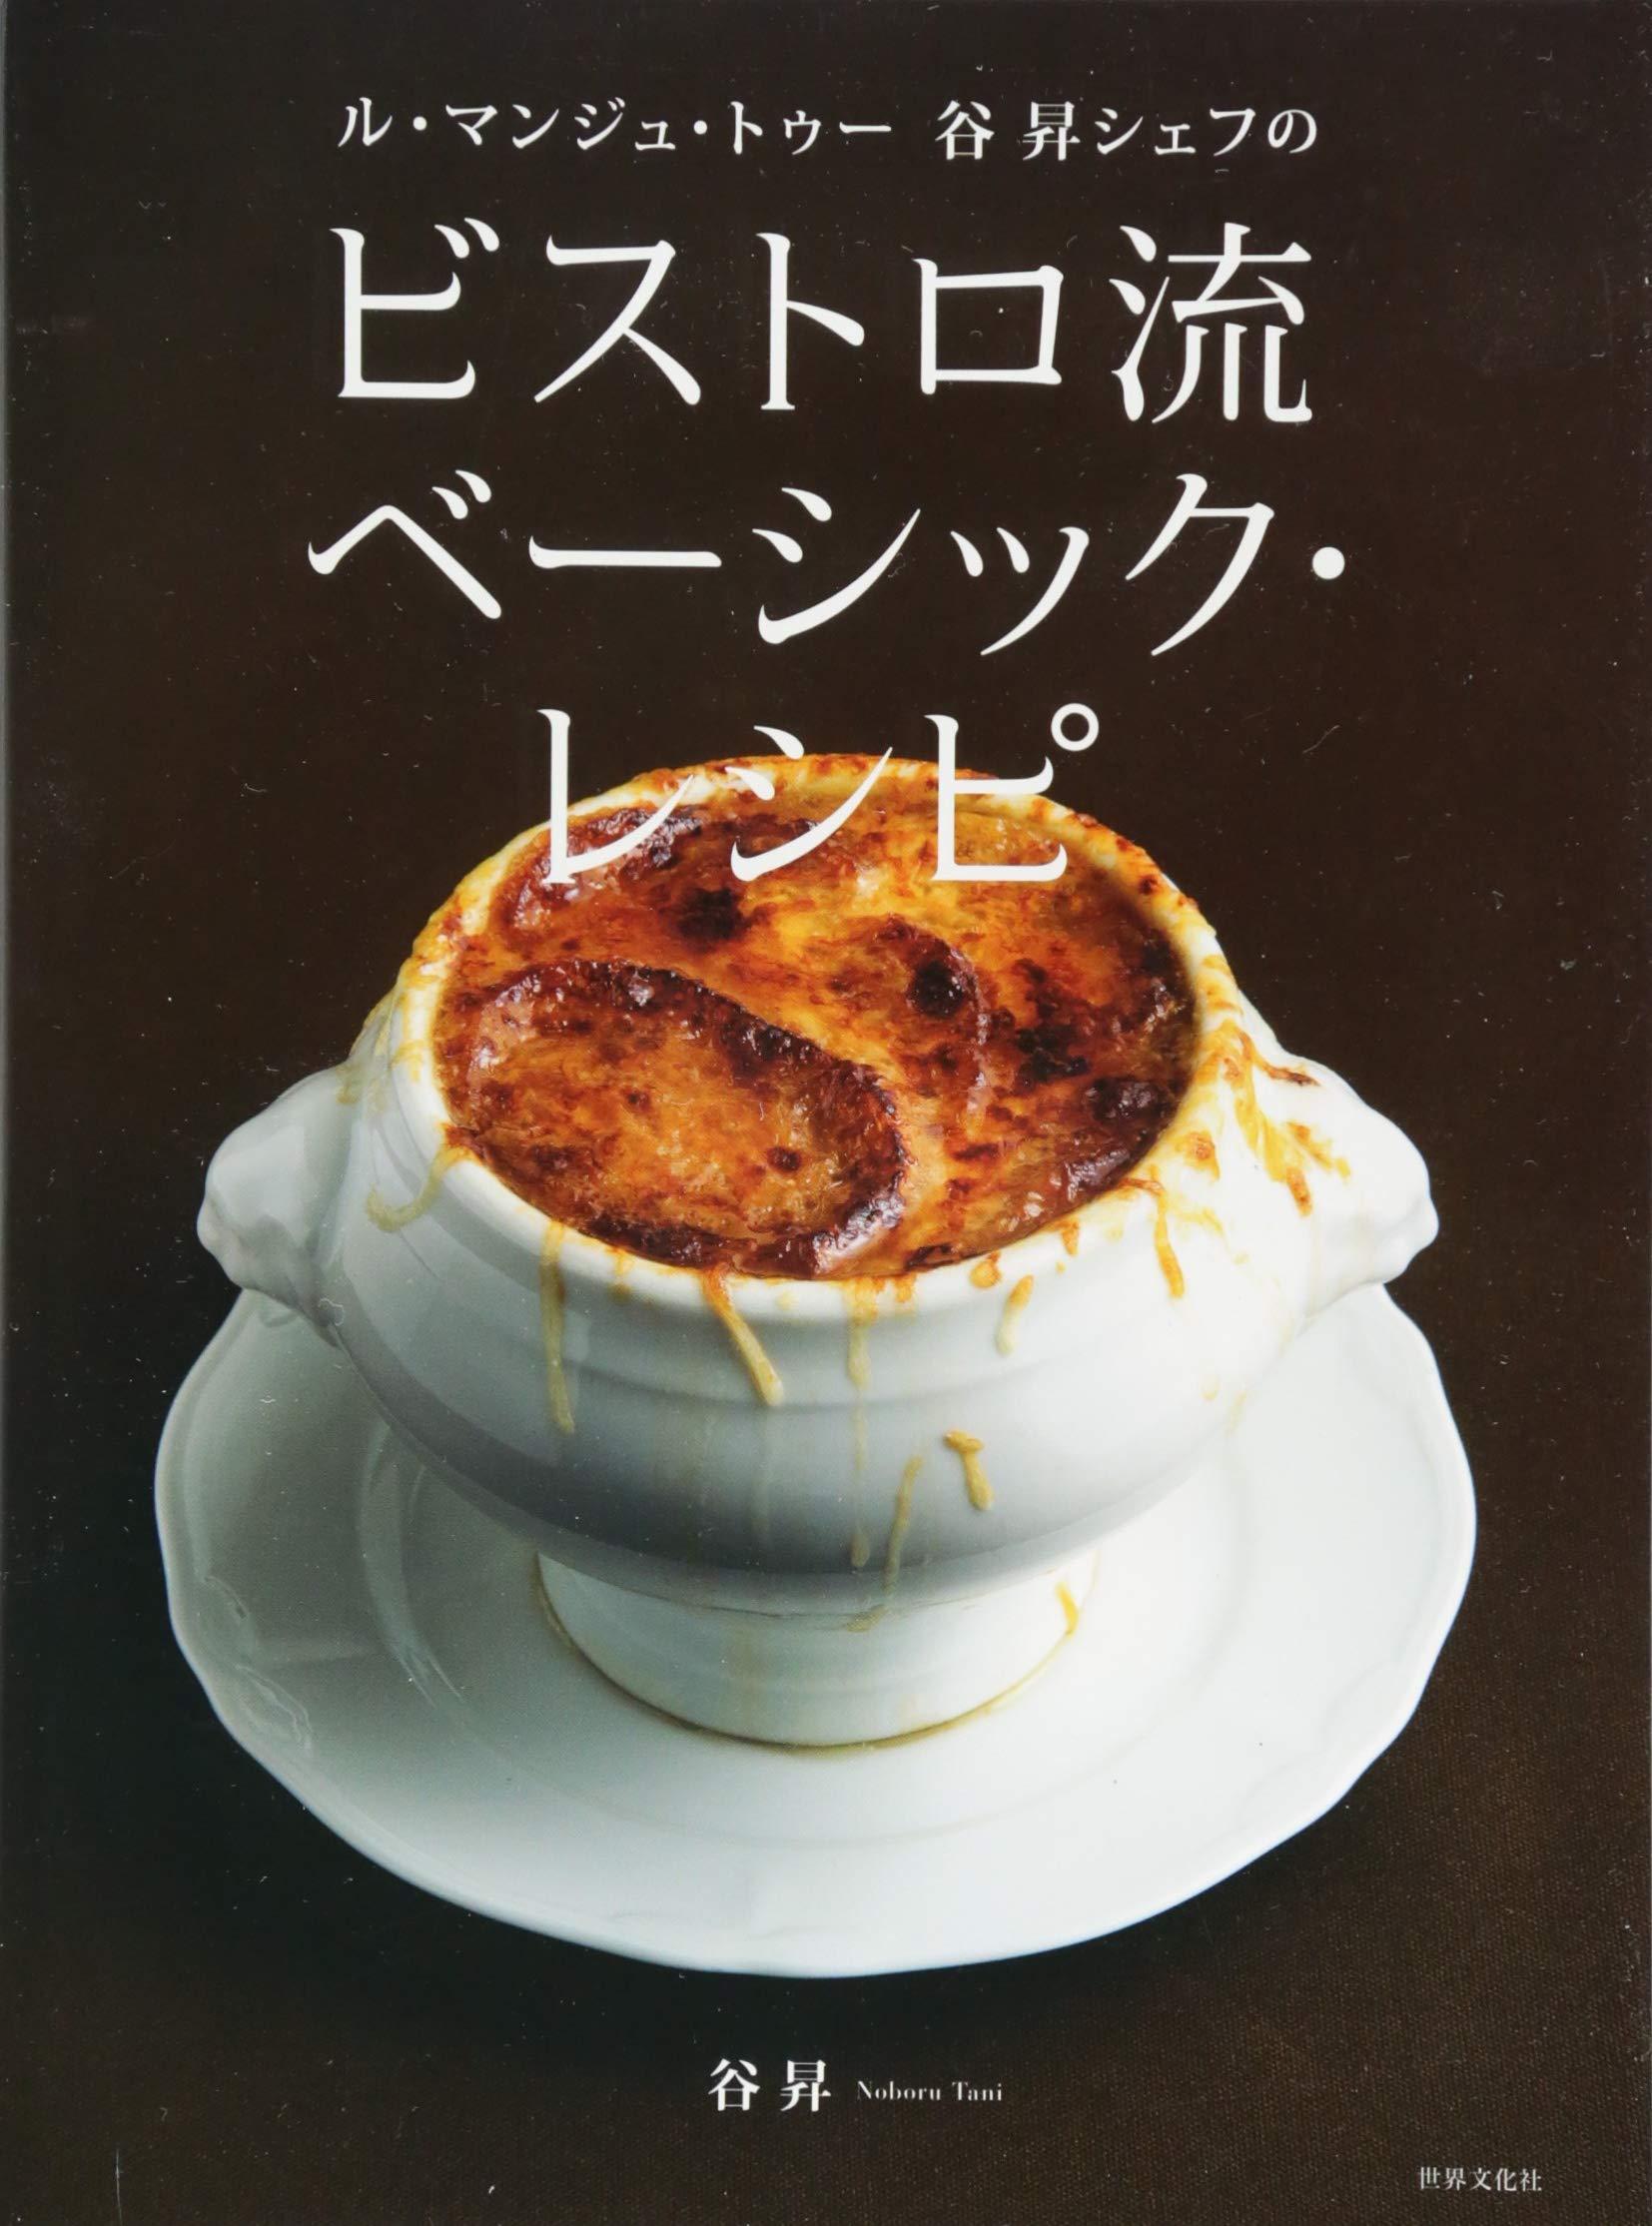 昇 レシピ 谷